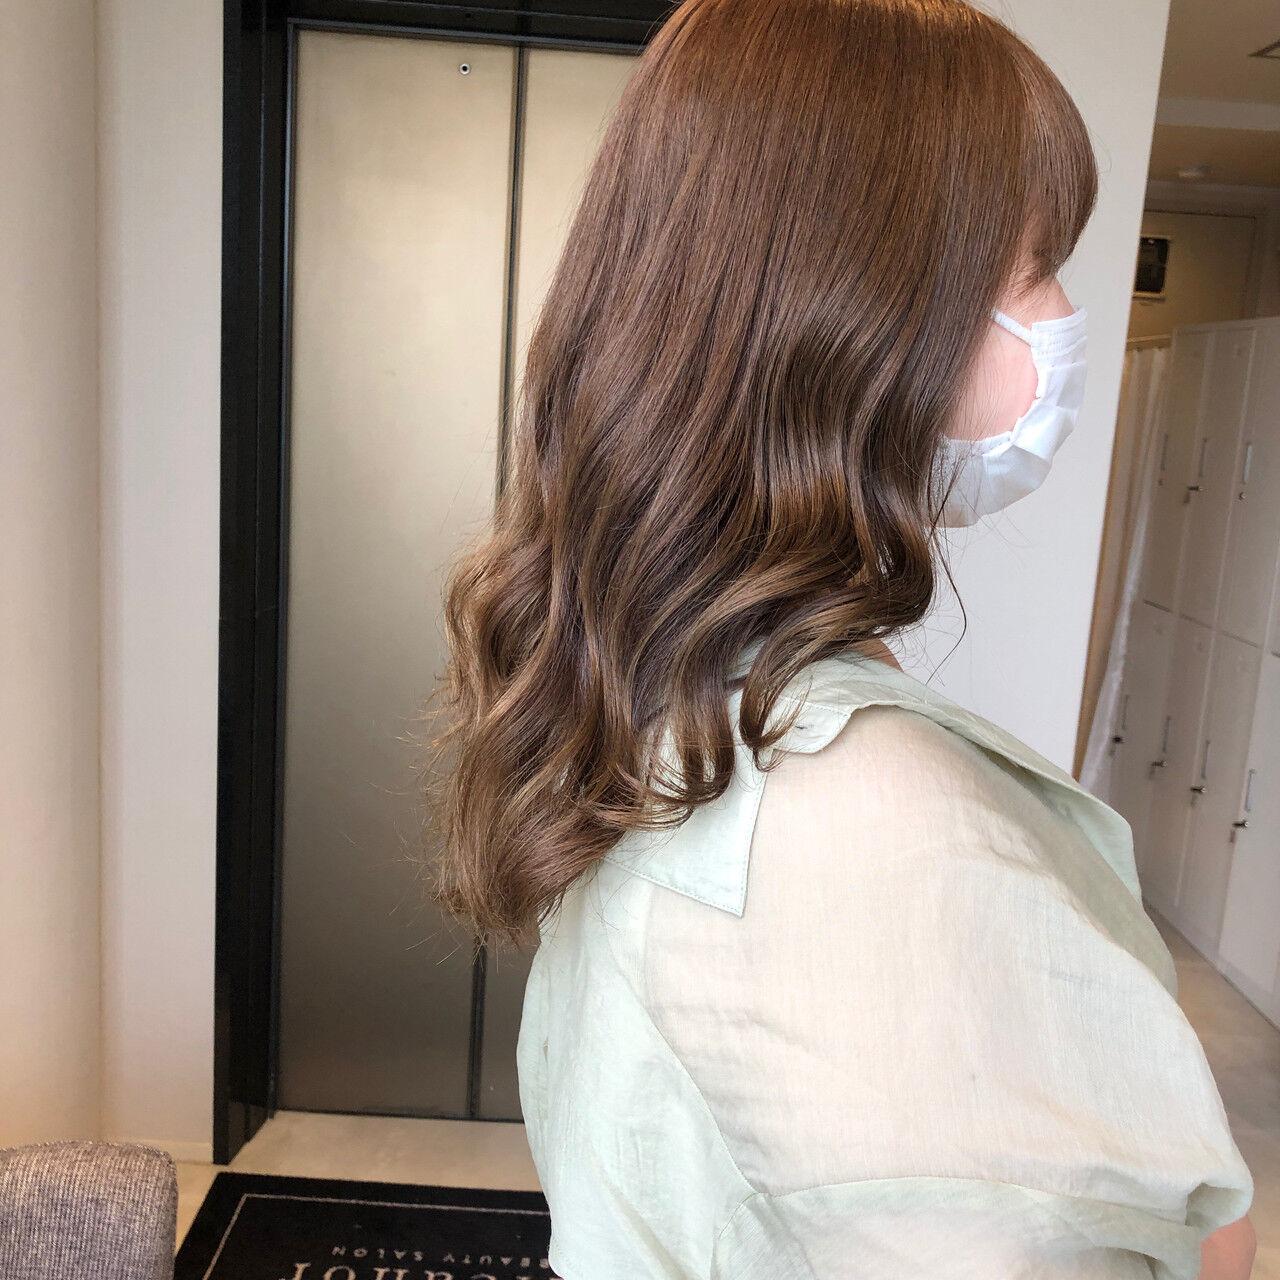 ナチュラルベージュ ブラウンベージュ ベージュ アッシュベージュヘアスタイルや髪型の写真・画像